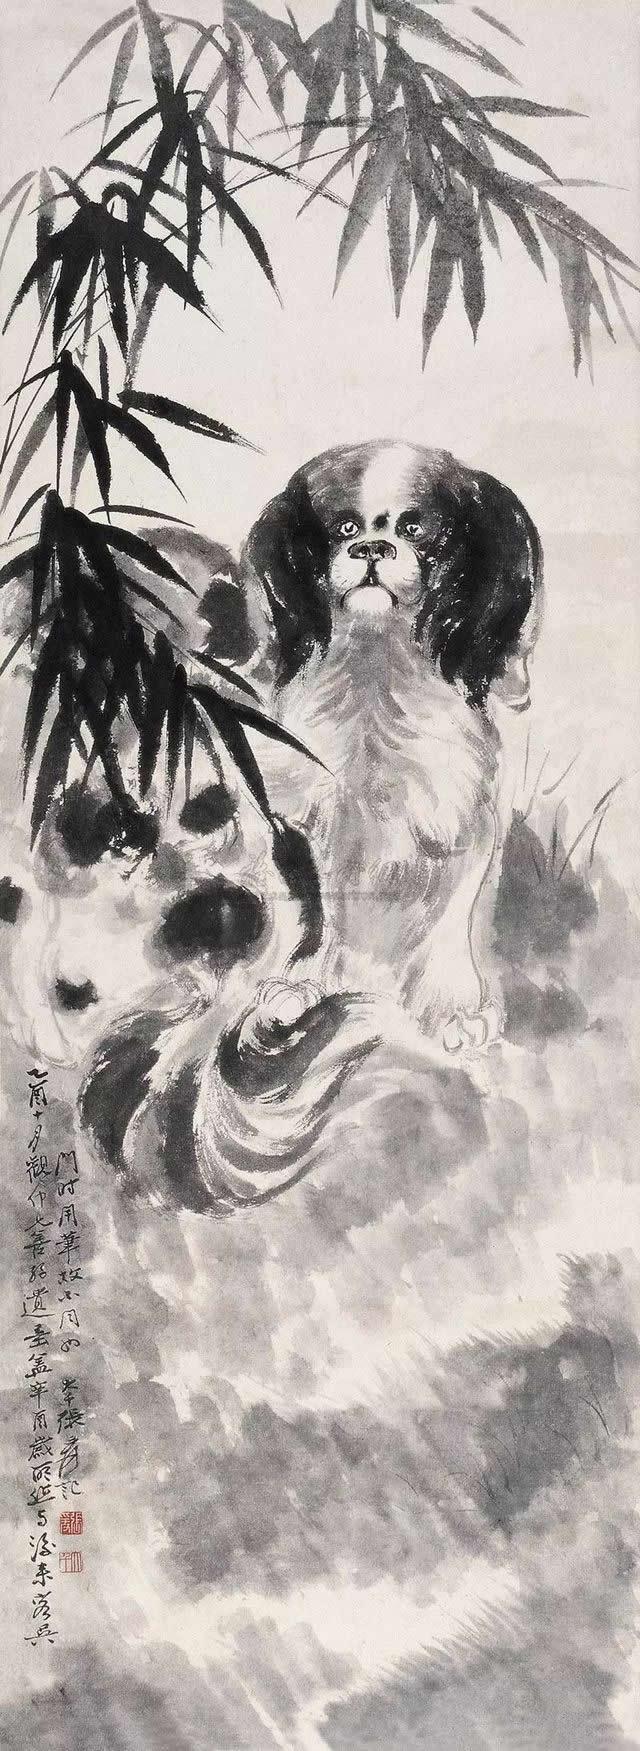 1921年作 叭狗竹叶